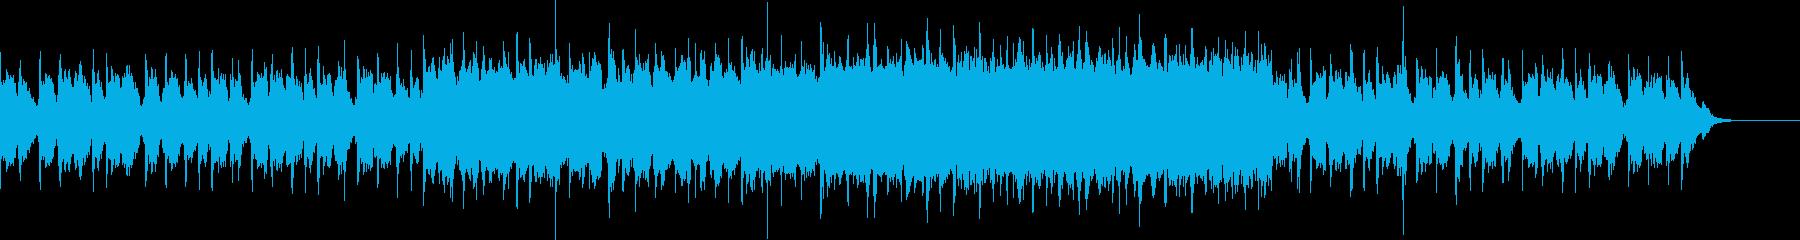 エレクトリックな音が重なり消えていく曲の再生済みの波形